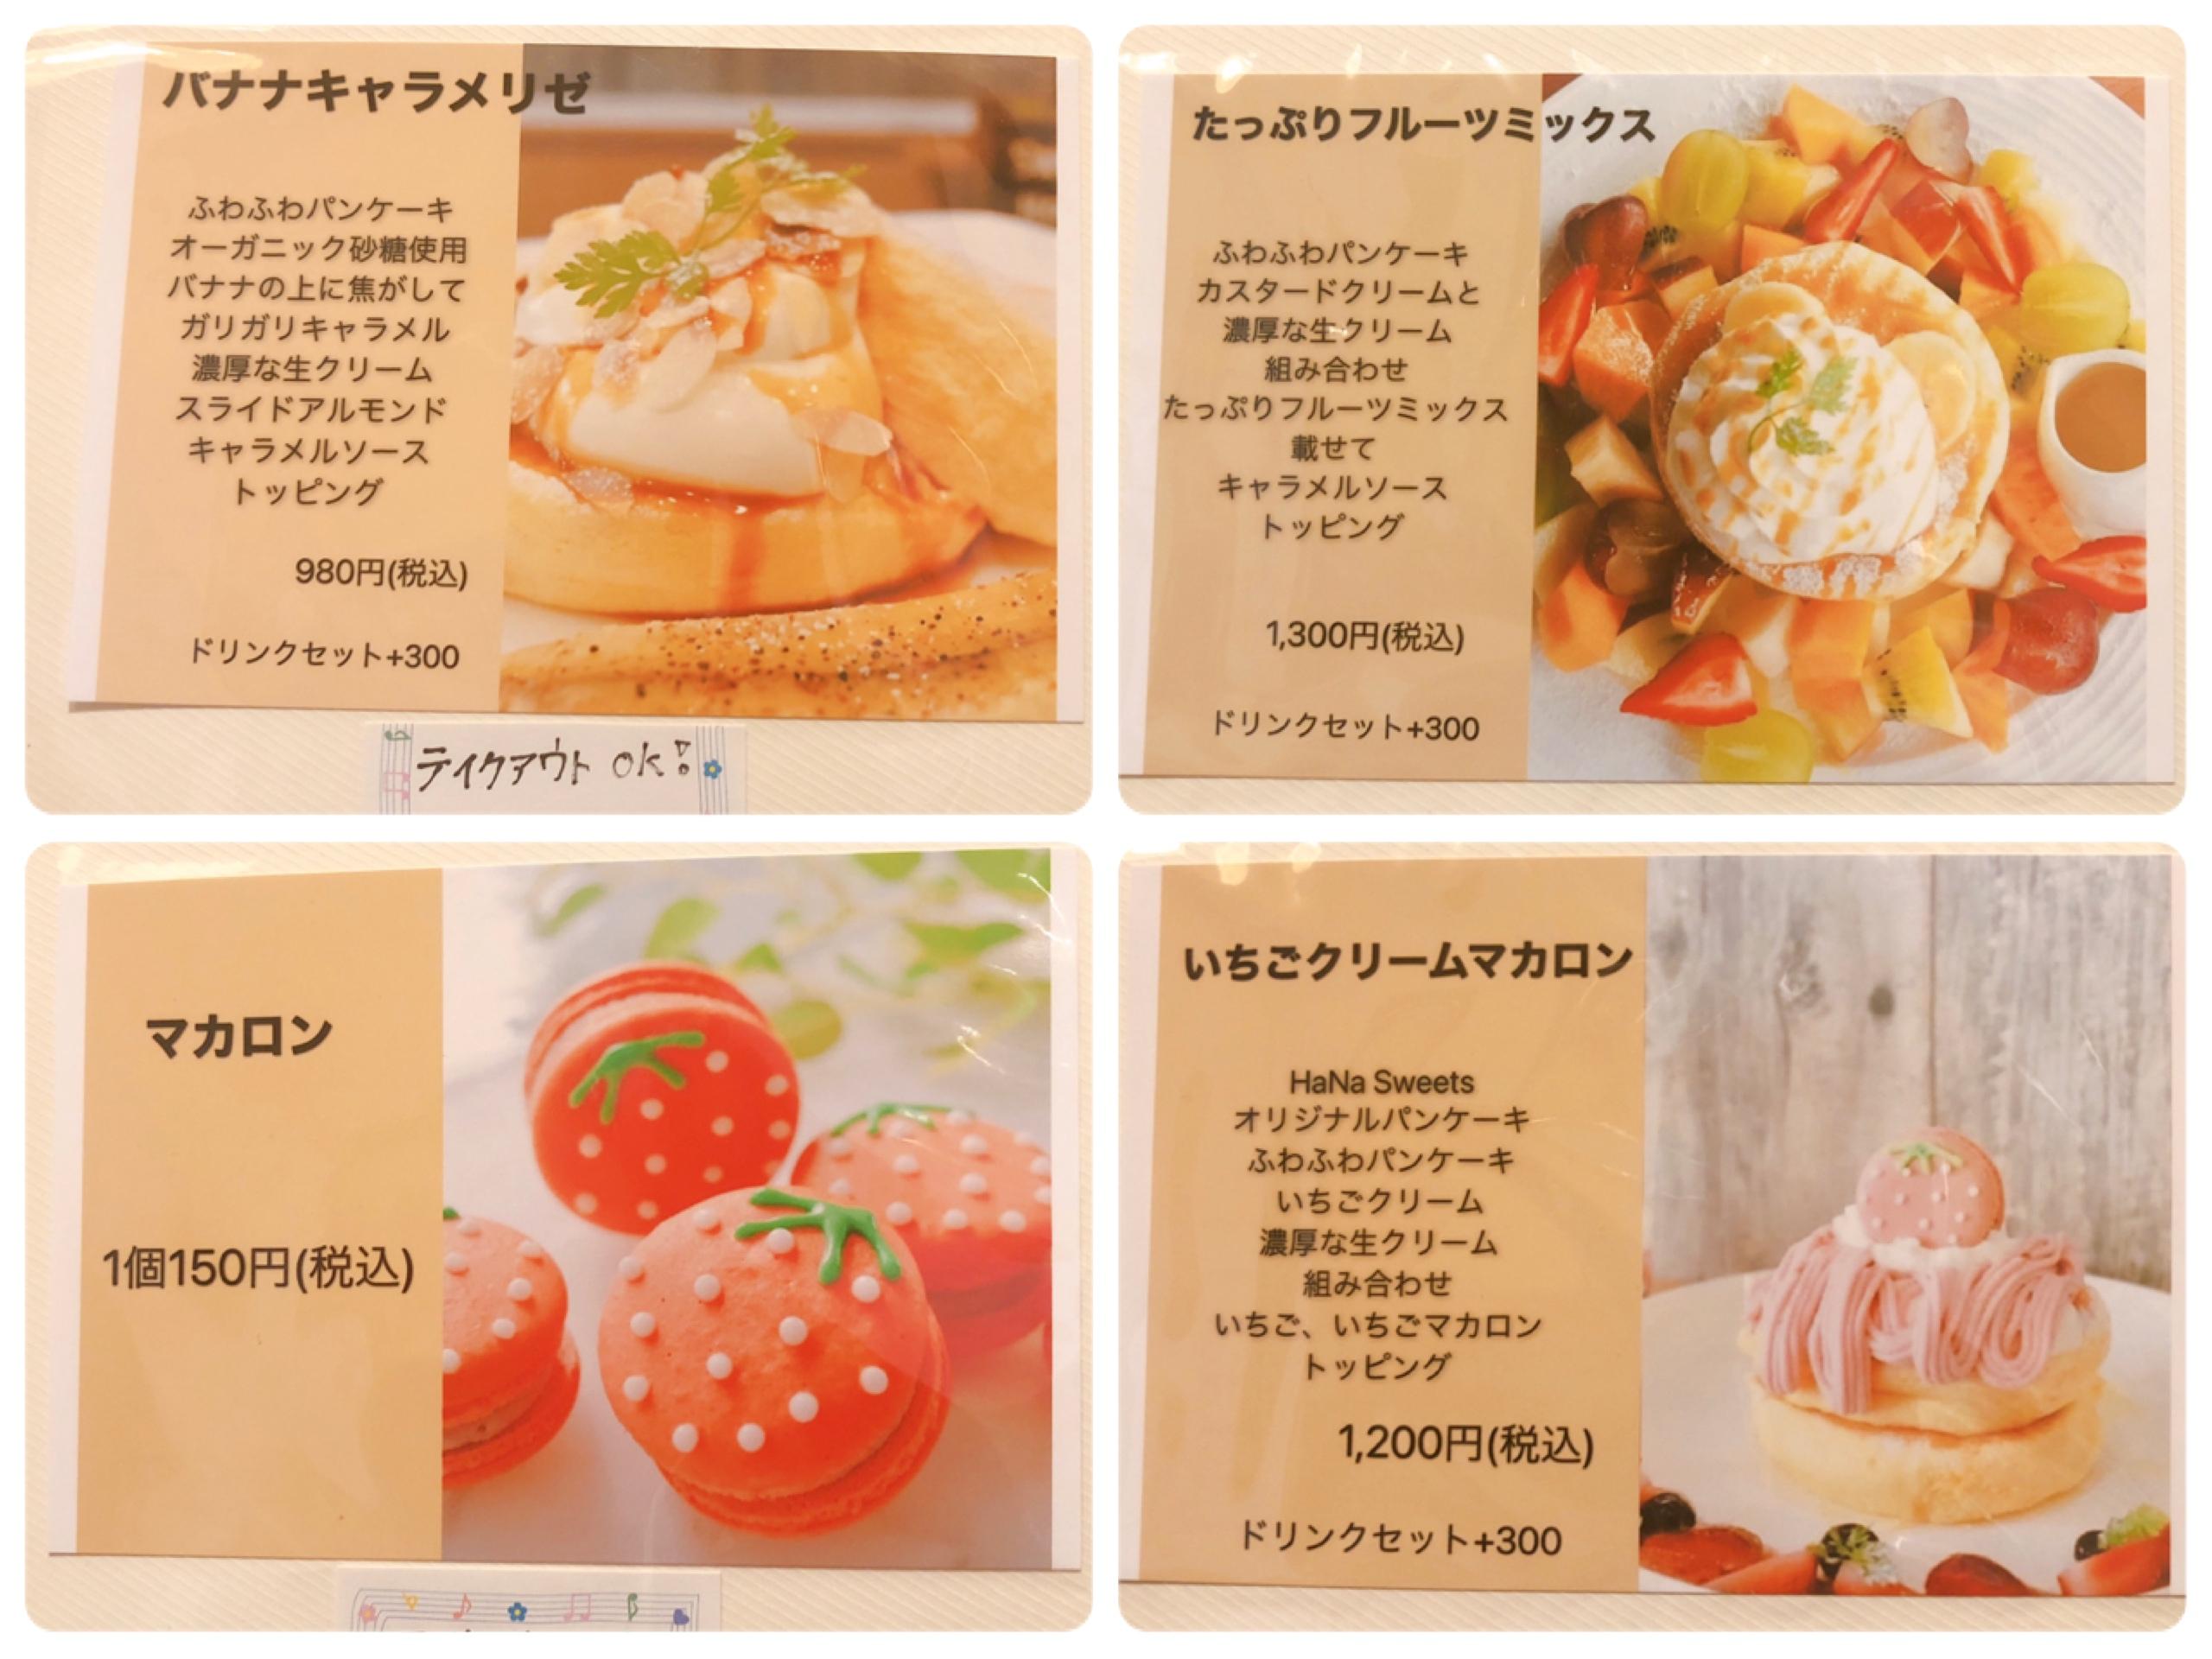 【#静岡】きゅん♡なスイーツ❁一足お先に春気分(๑>◡<๑)Hana Sweetsのいちごのマカロンパフェ*。_2